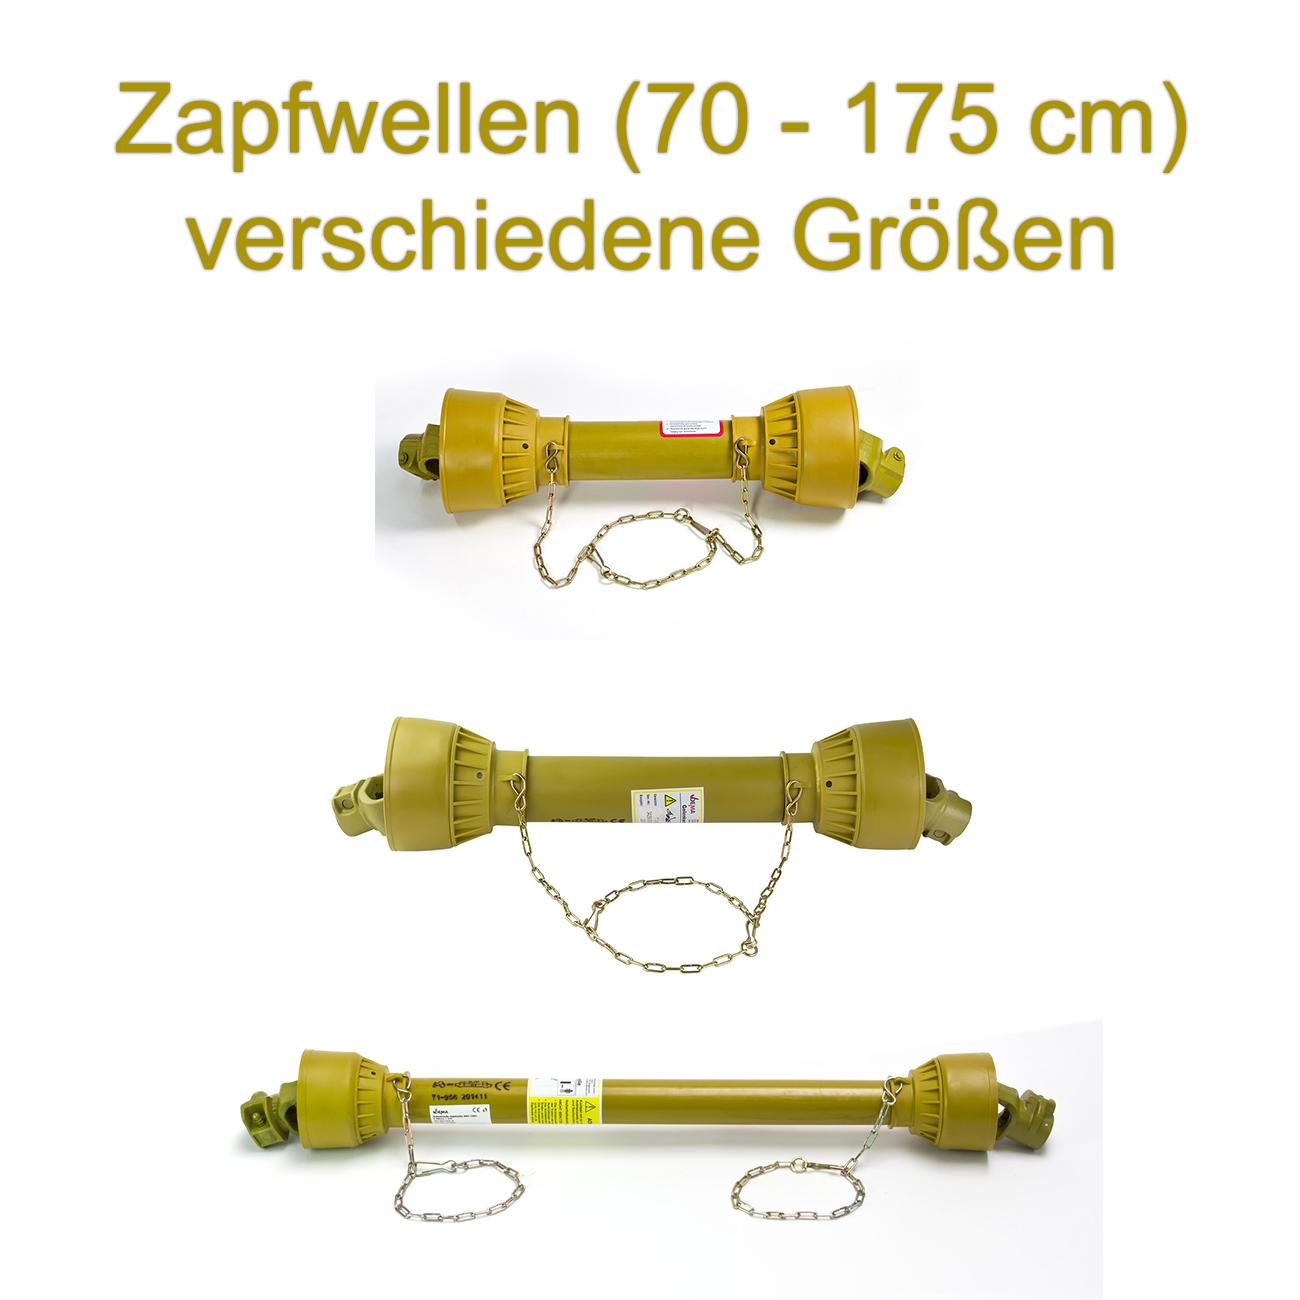 Gelenkwelle Zapfwelle Antriebswelle für Traktor Schlepper 80-103 cm 47 PS